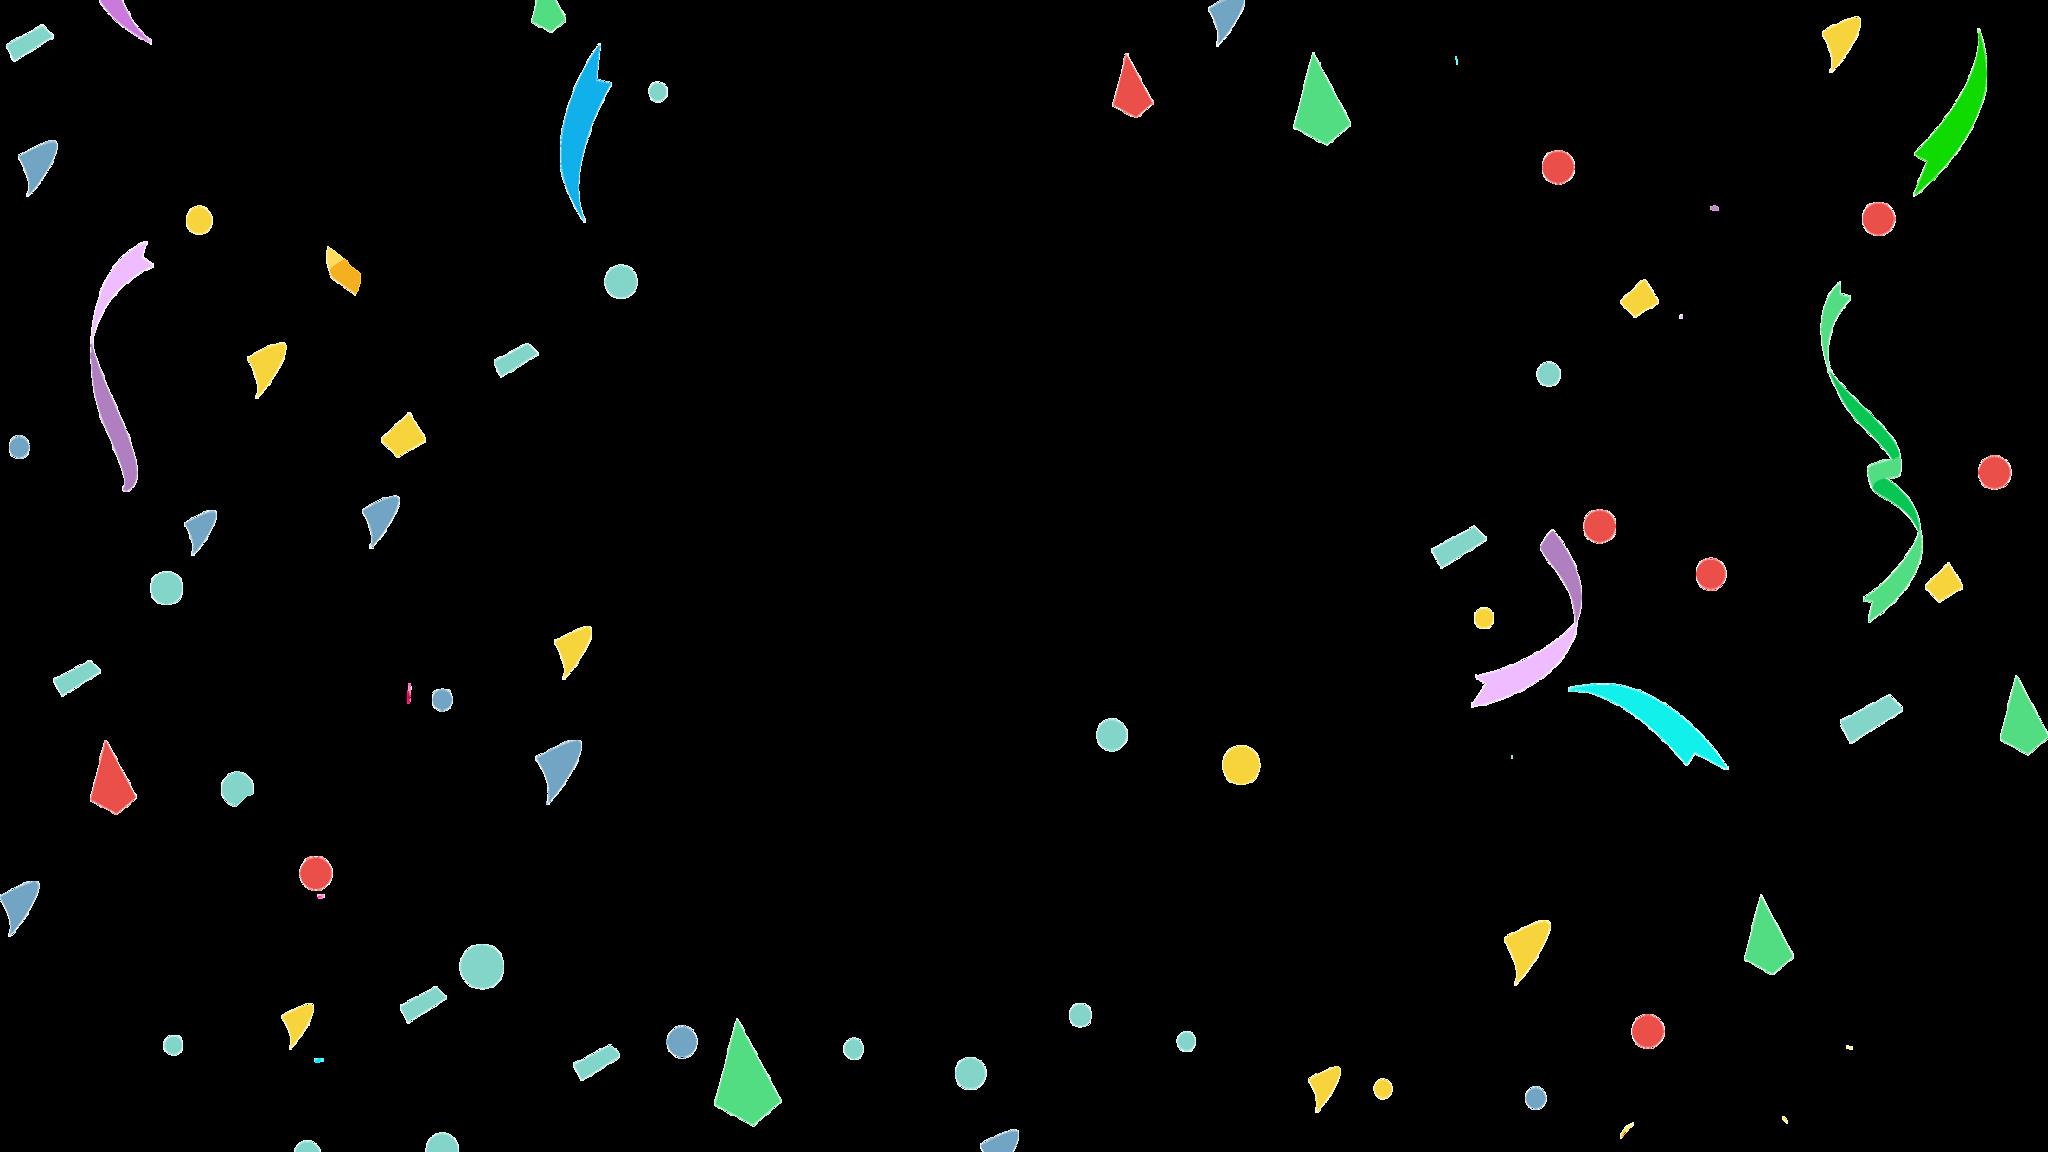 Portable Network Graphics Clip art Confetti Image Free.